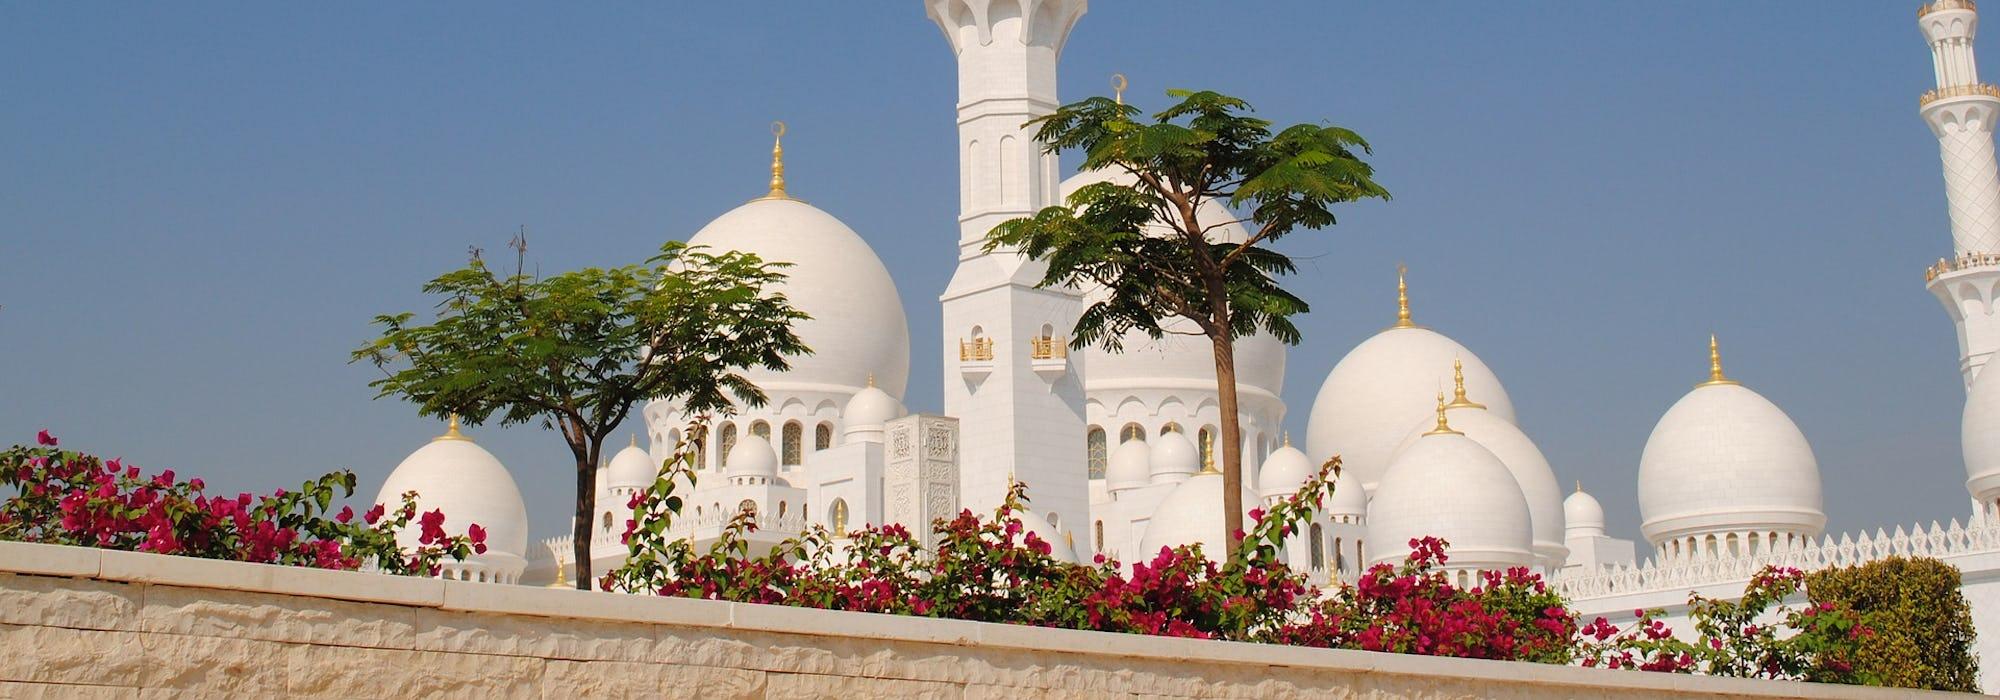 Vit, guldsmyckad, moské tornar upp sig bakom en stenmur med träd och röda växter.